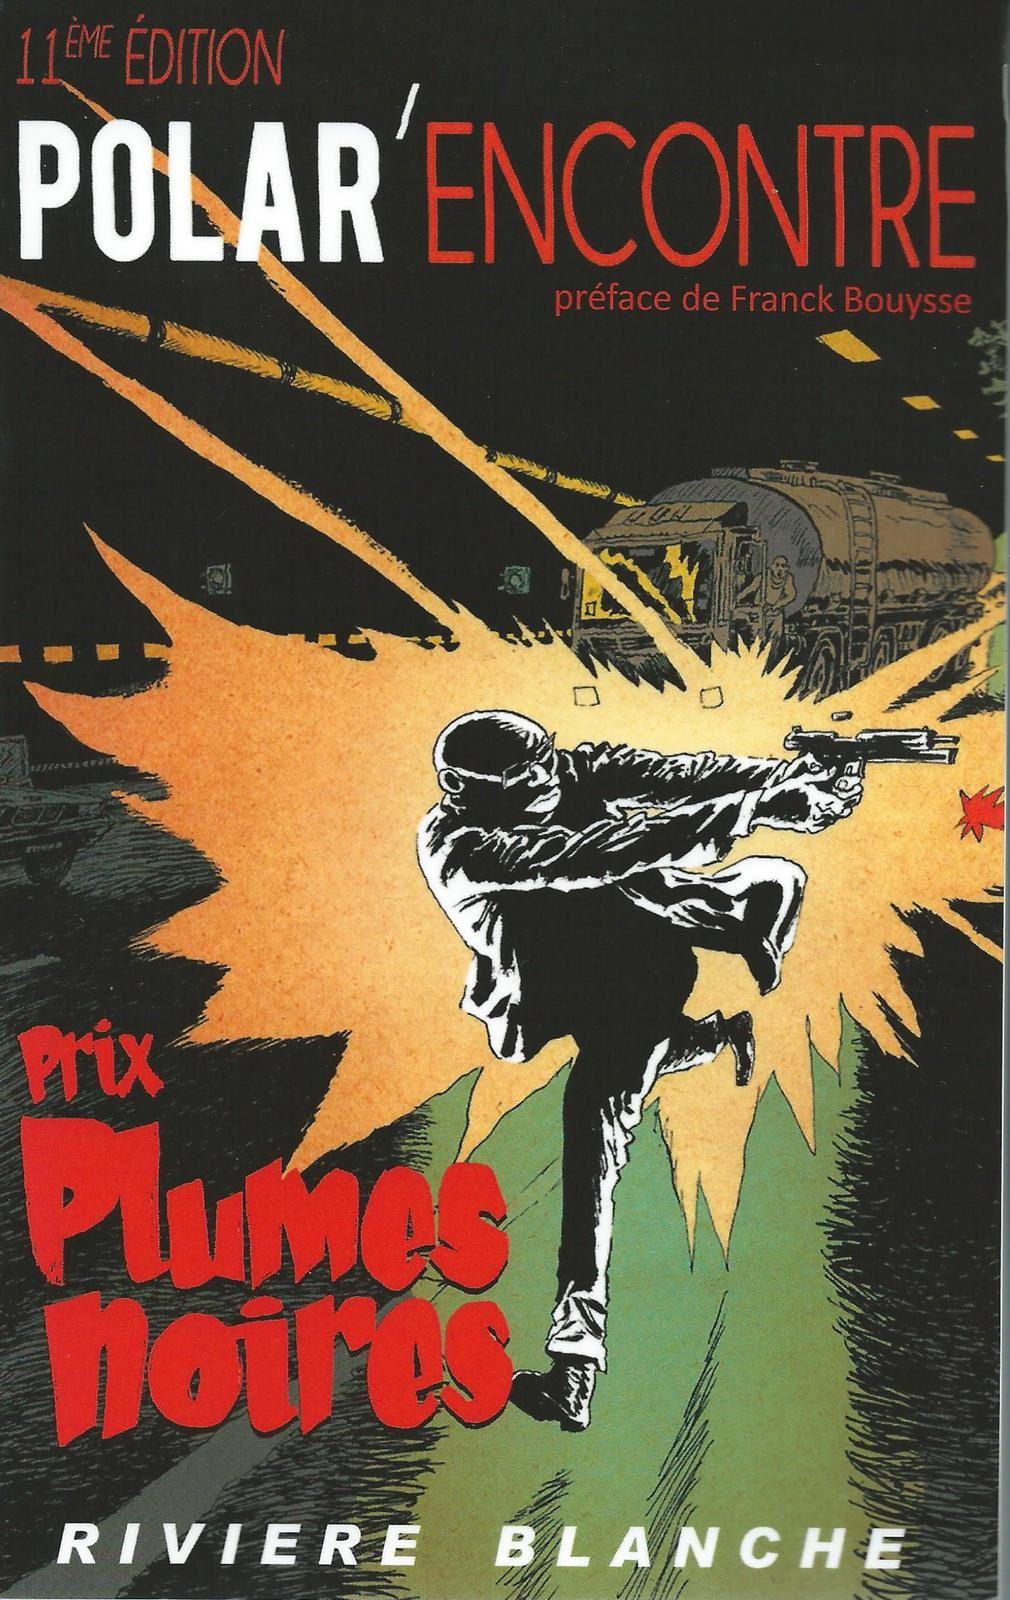 L'éditeur Philippe Ward comme tous les ans a publié les nouvelles du Prix Plumes Noires